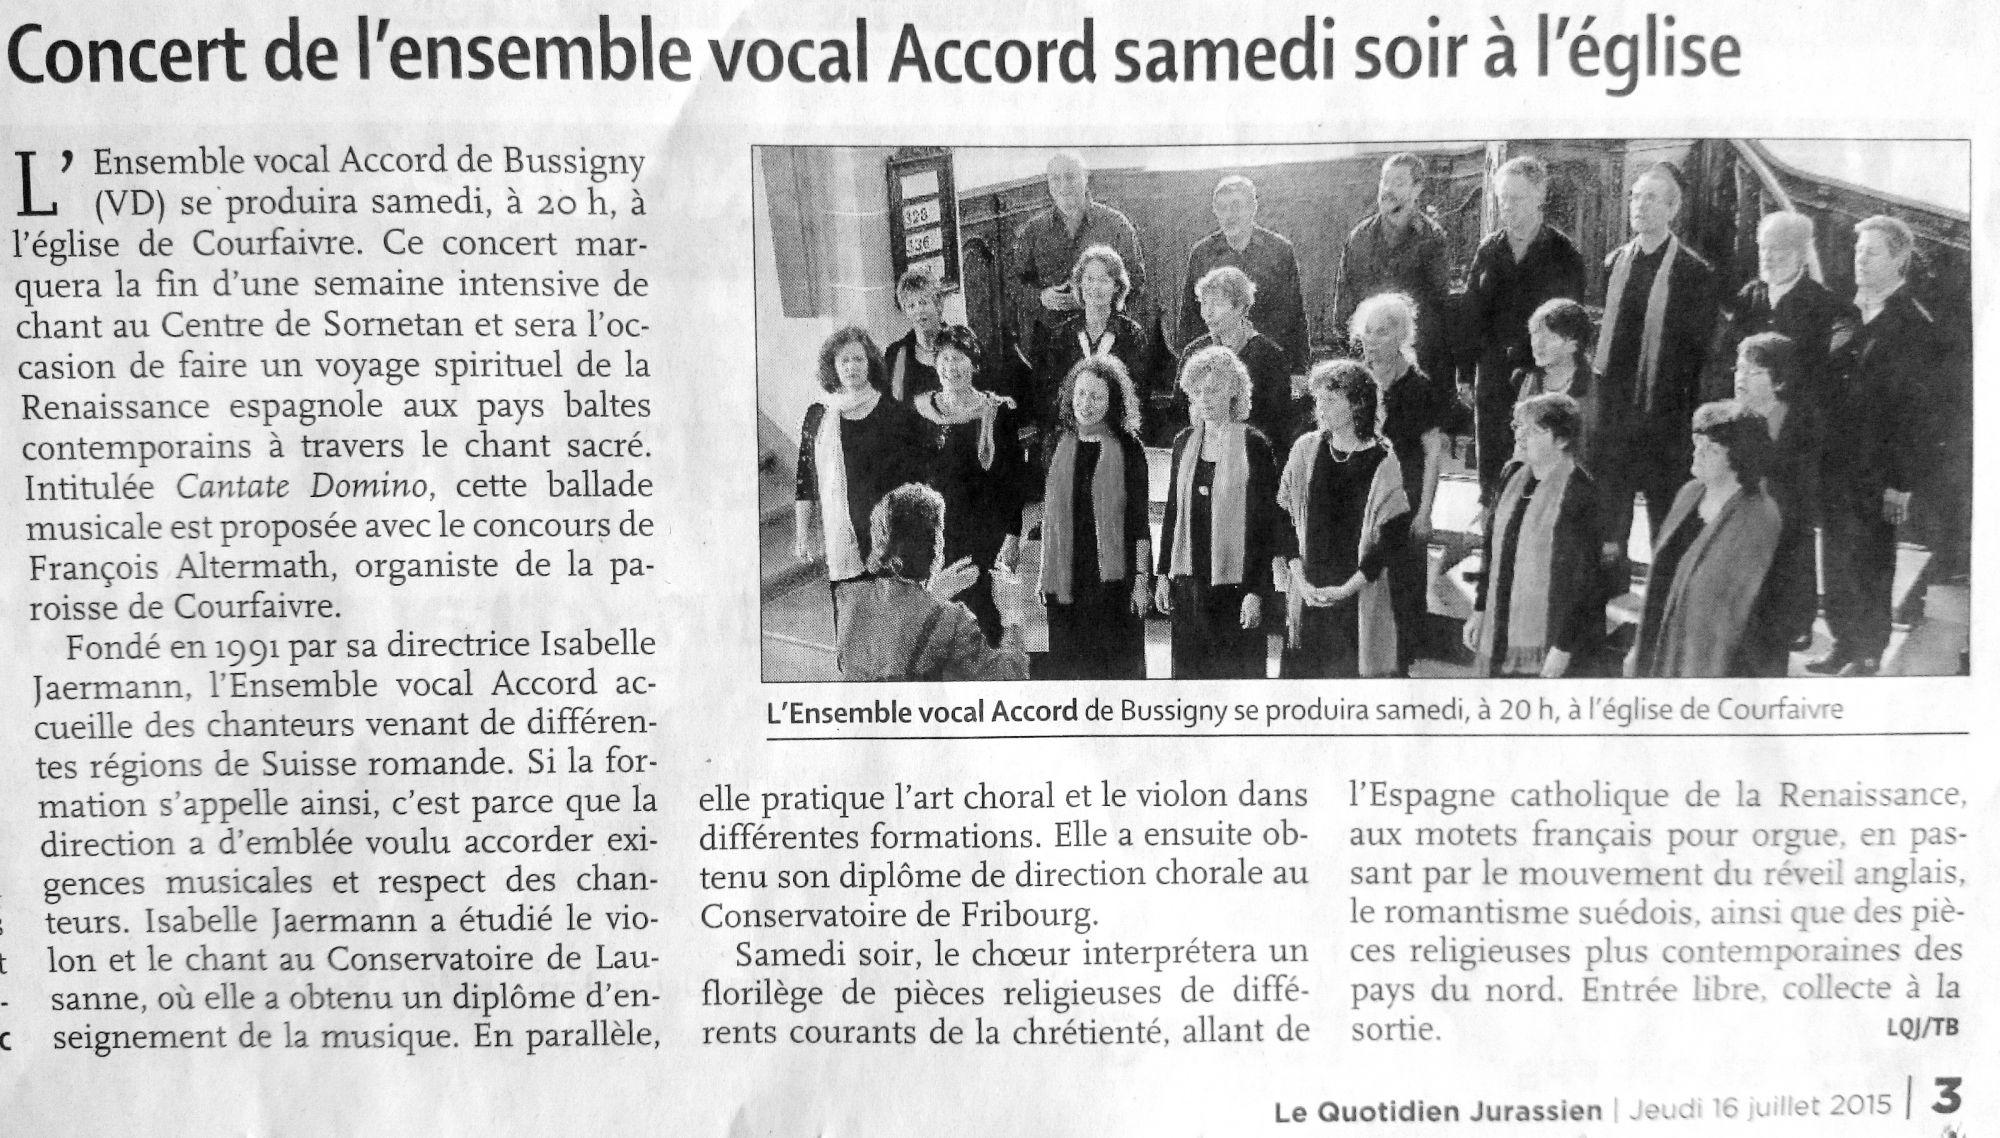 Annonce du concert dans le Quotidien Jurassien du 16.7.2015